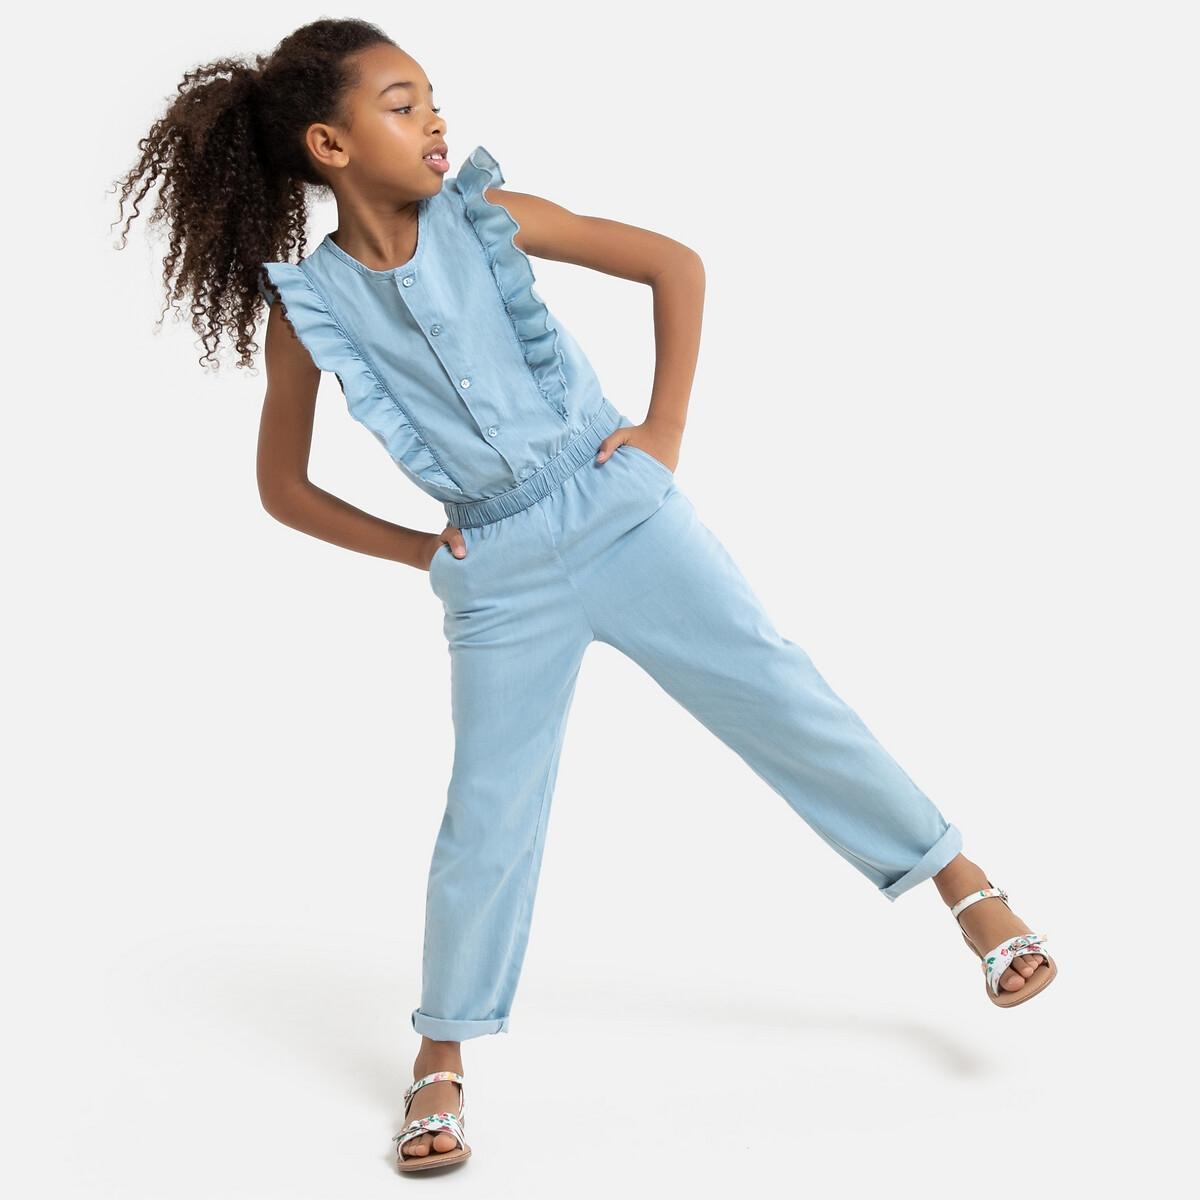 Комбинезон LaRedoute Из тонкой джинсовой ткани 3-12 лет 5 лет - 108 см синий жакет la redoute из джинсовой ткани 3 14 лет 5 лет 108 см синий